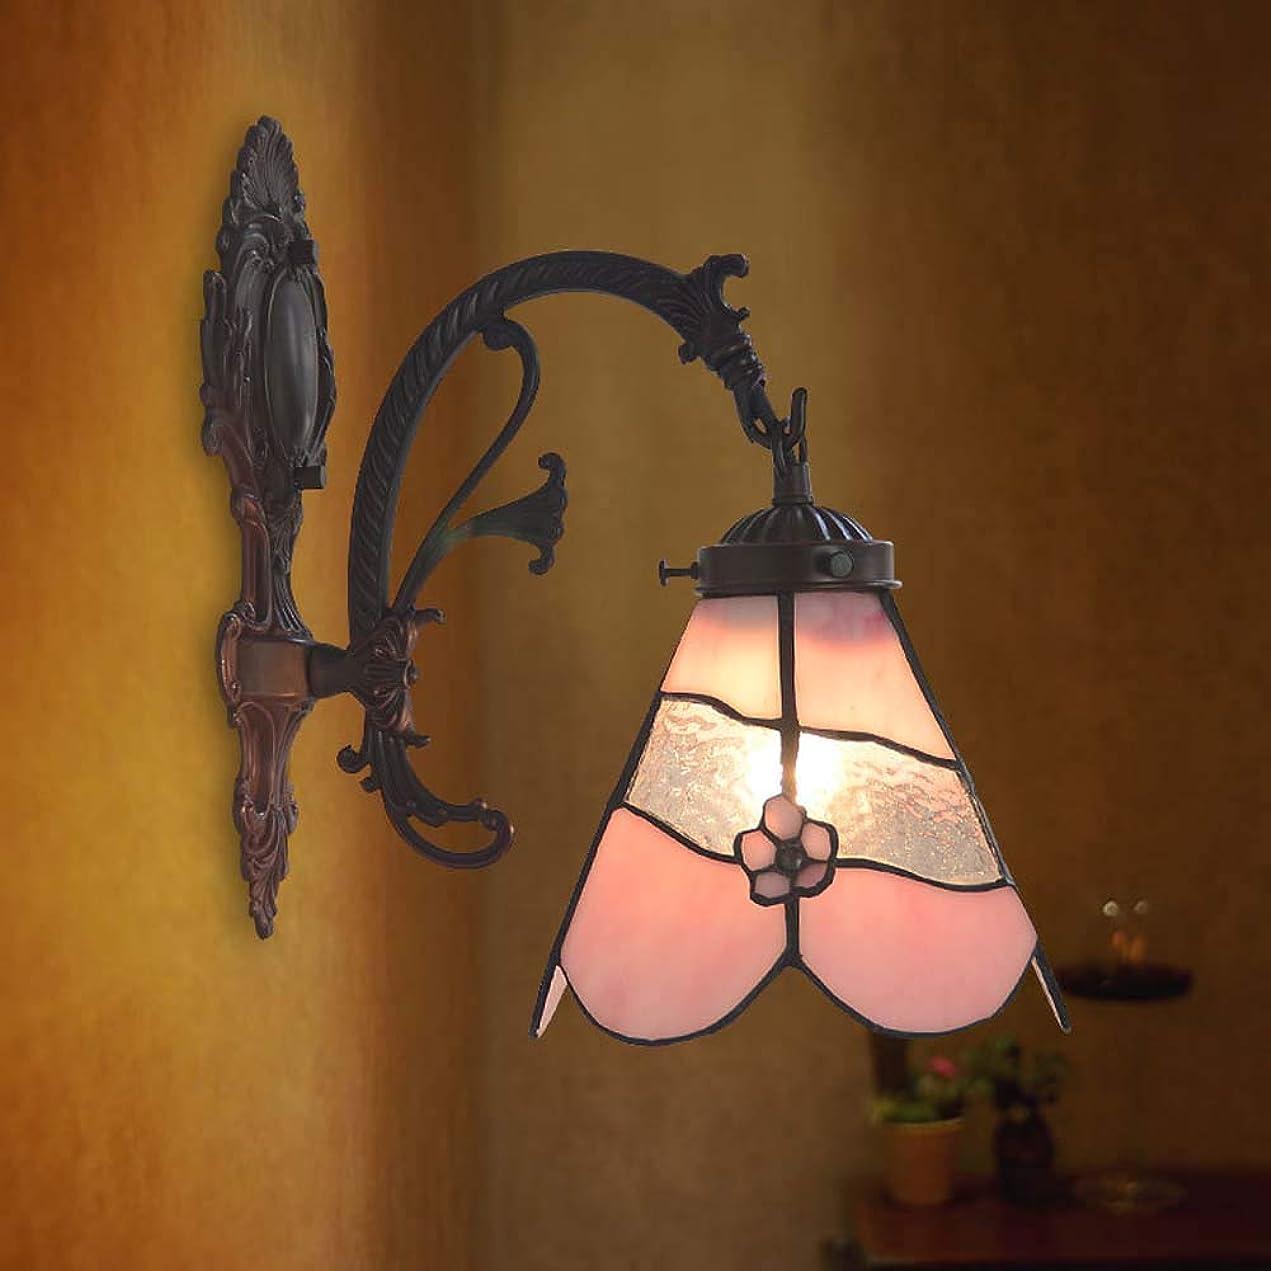 アクション誤ティファニースタイルウォールランプ、立体フラワーデザイン壁照明ランプ、バスルームウォールライトカフェホテルクラブアートコリドーライト/